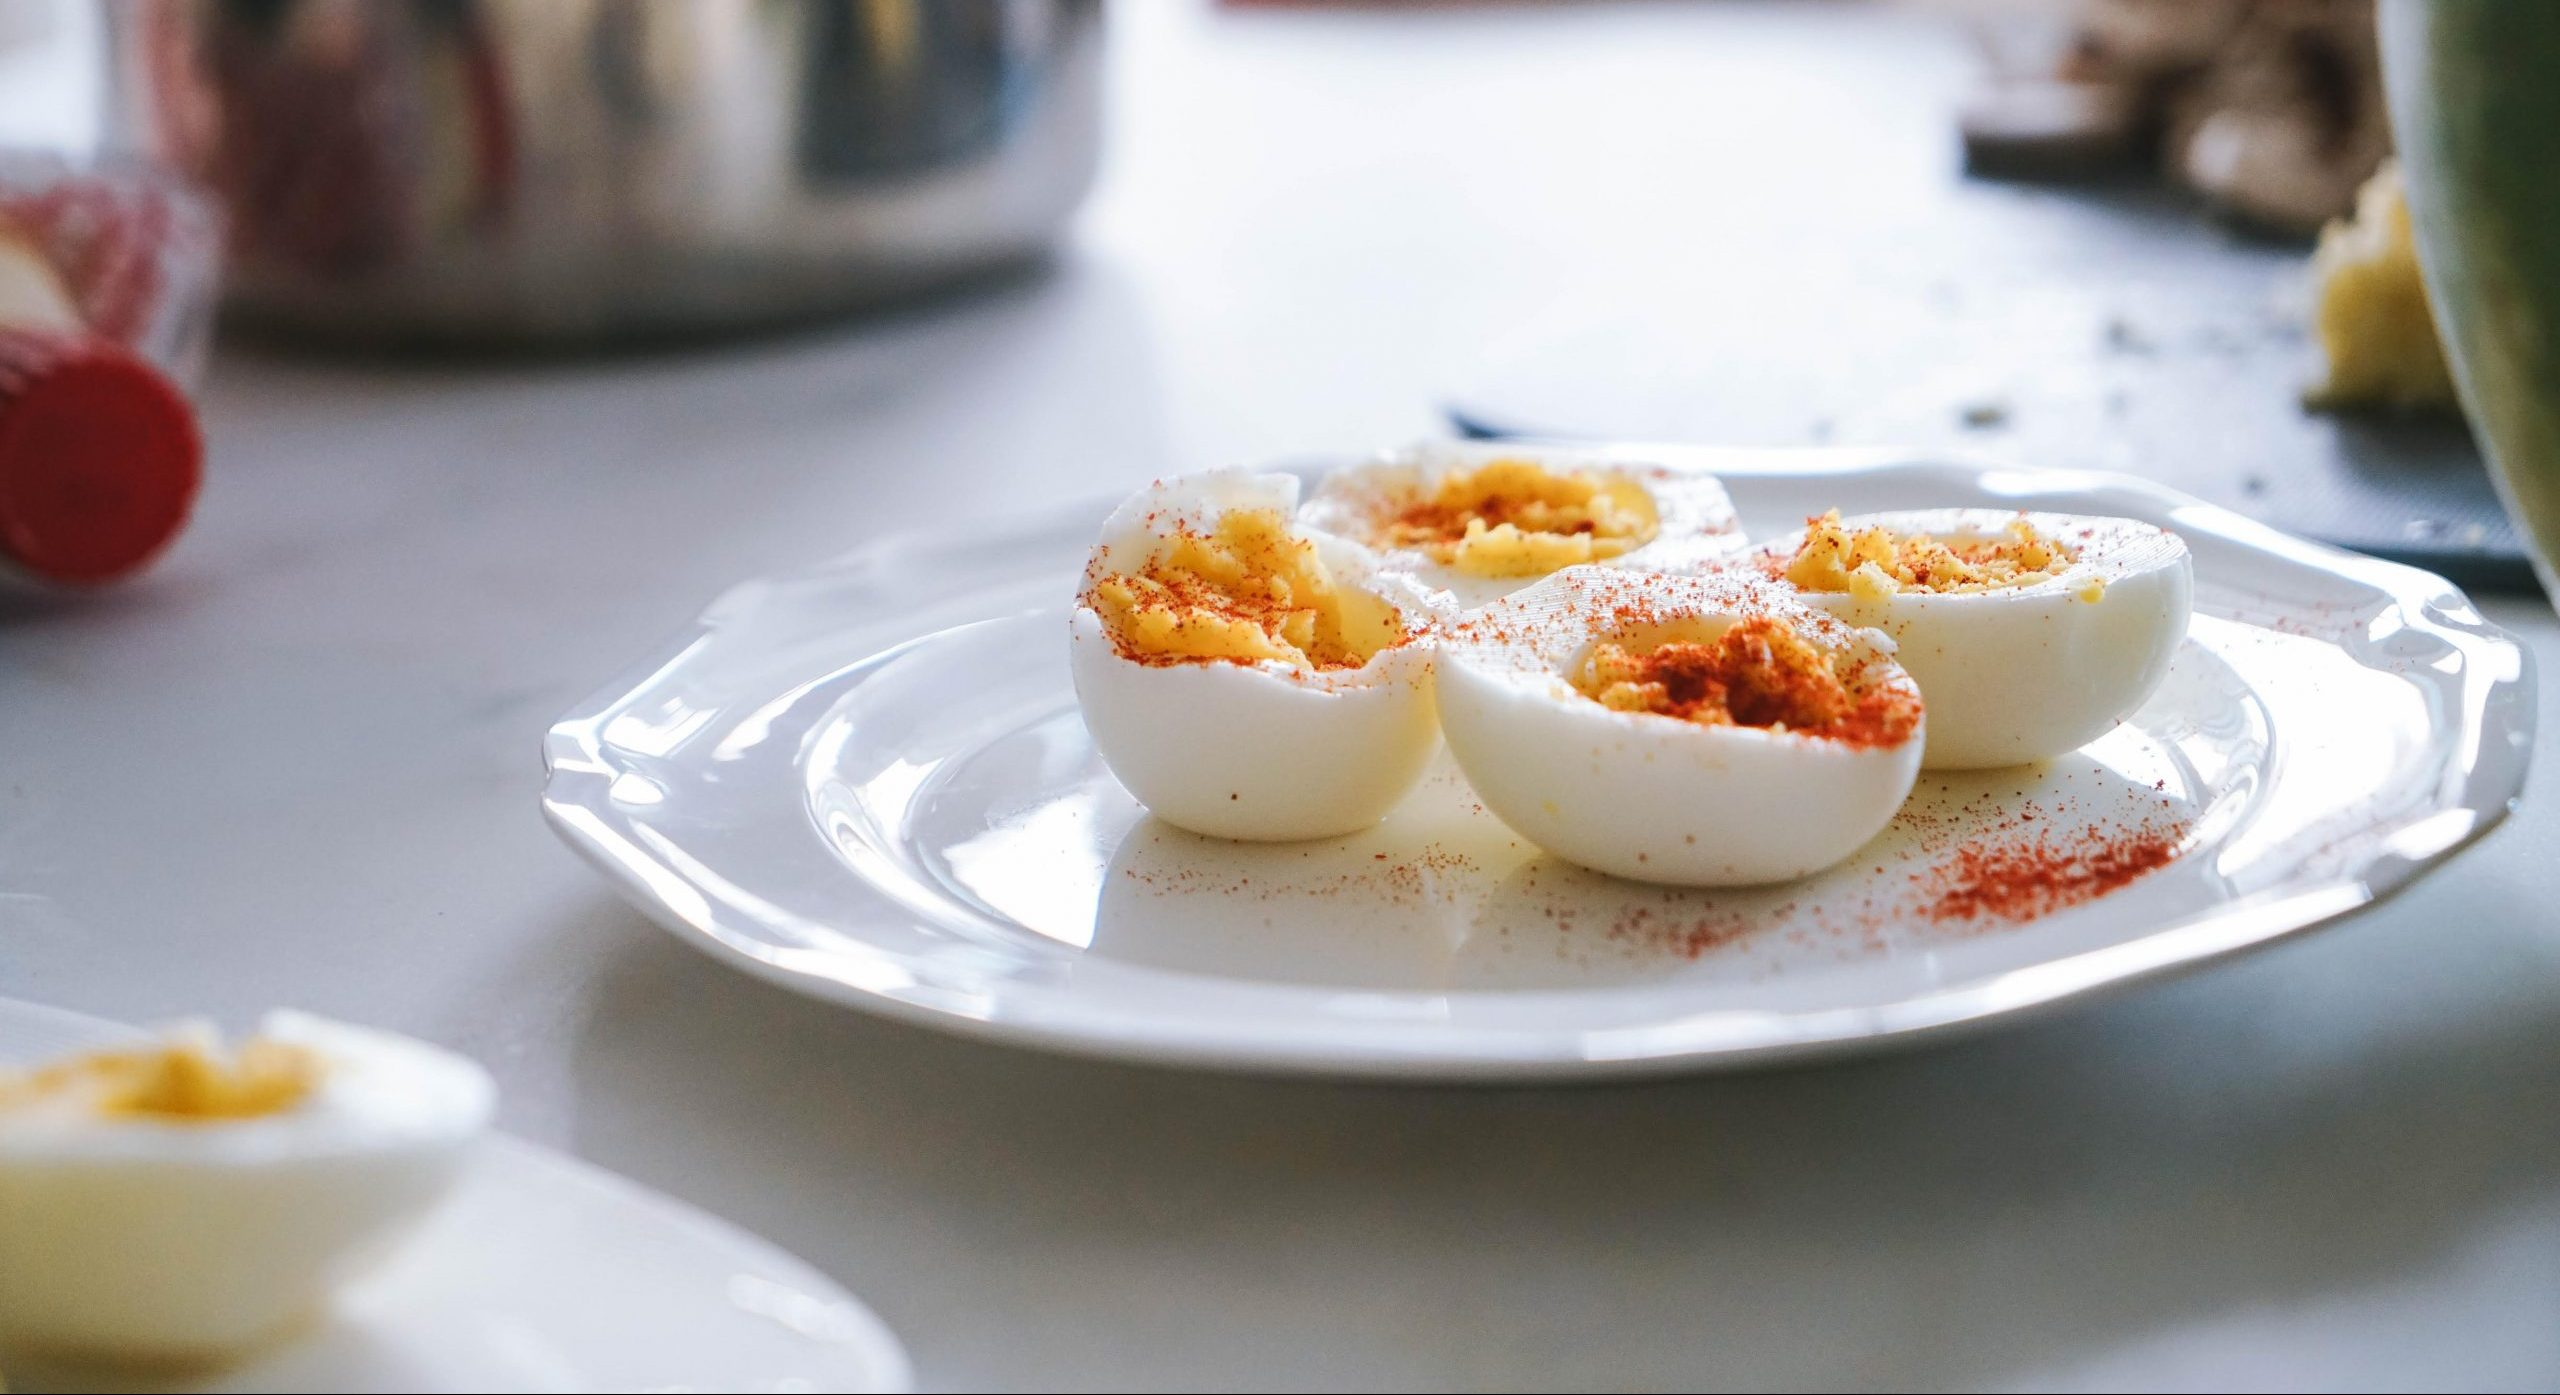 æg, kogte æg Foto: Unsplash)